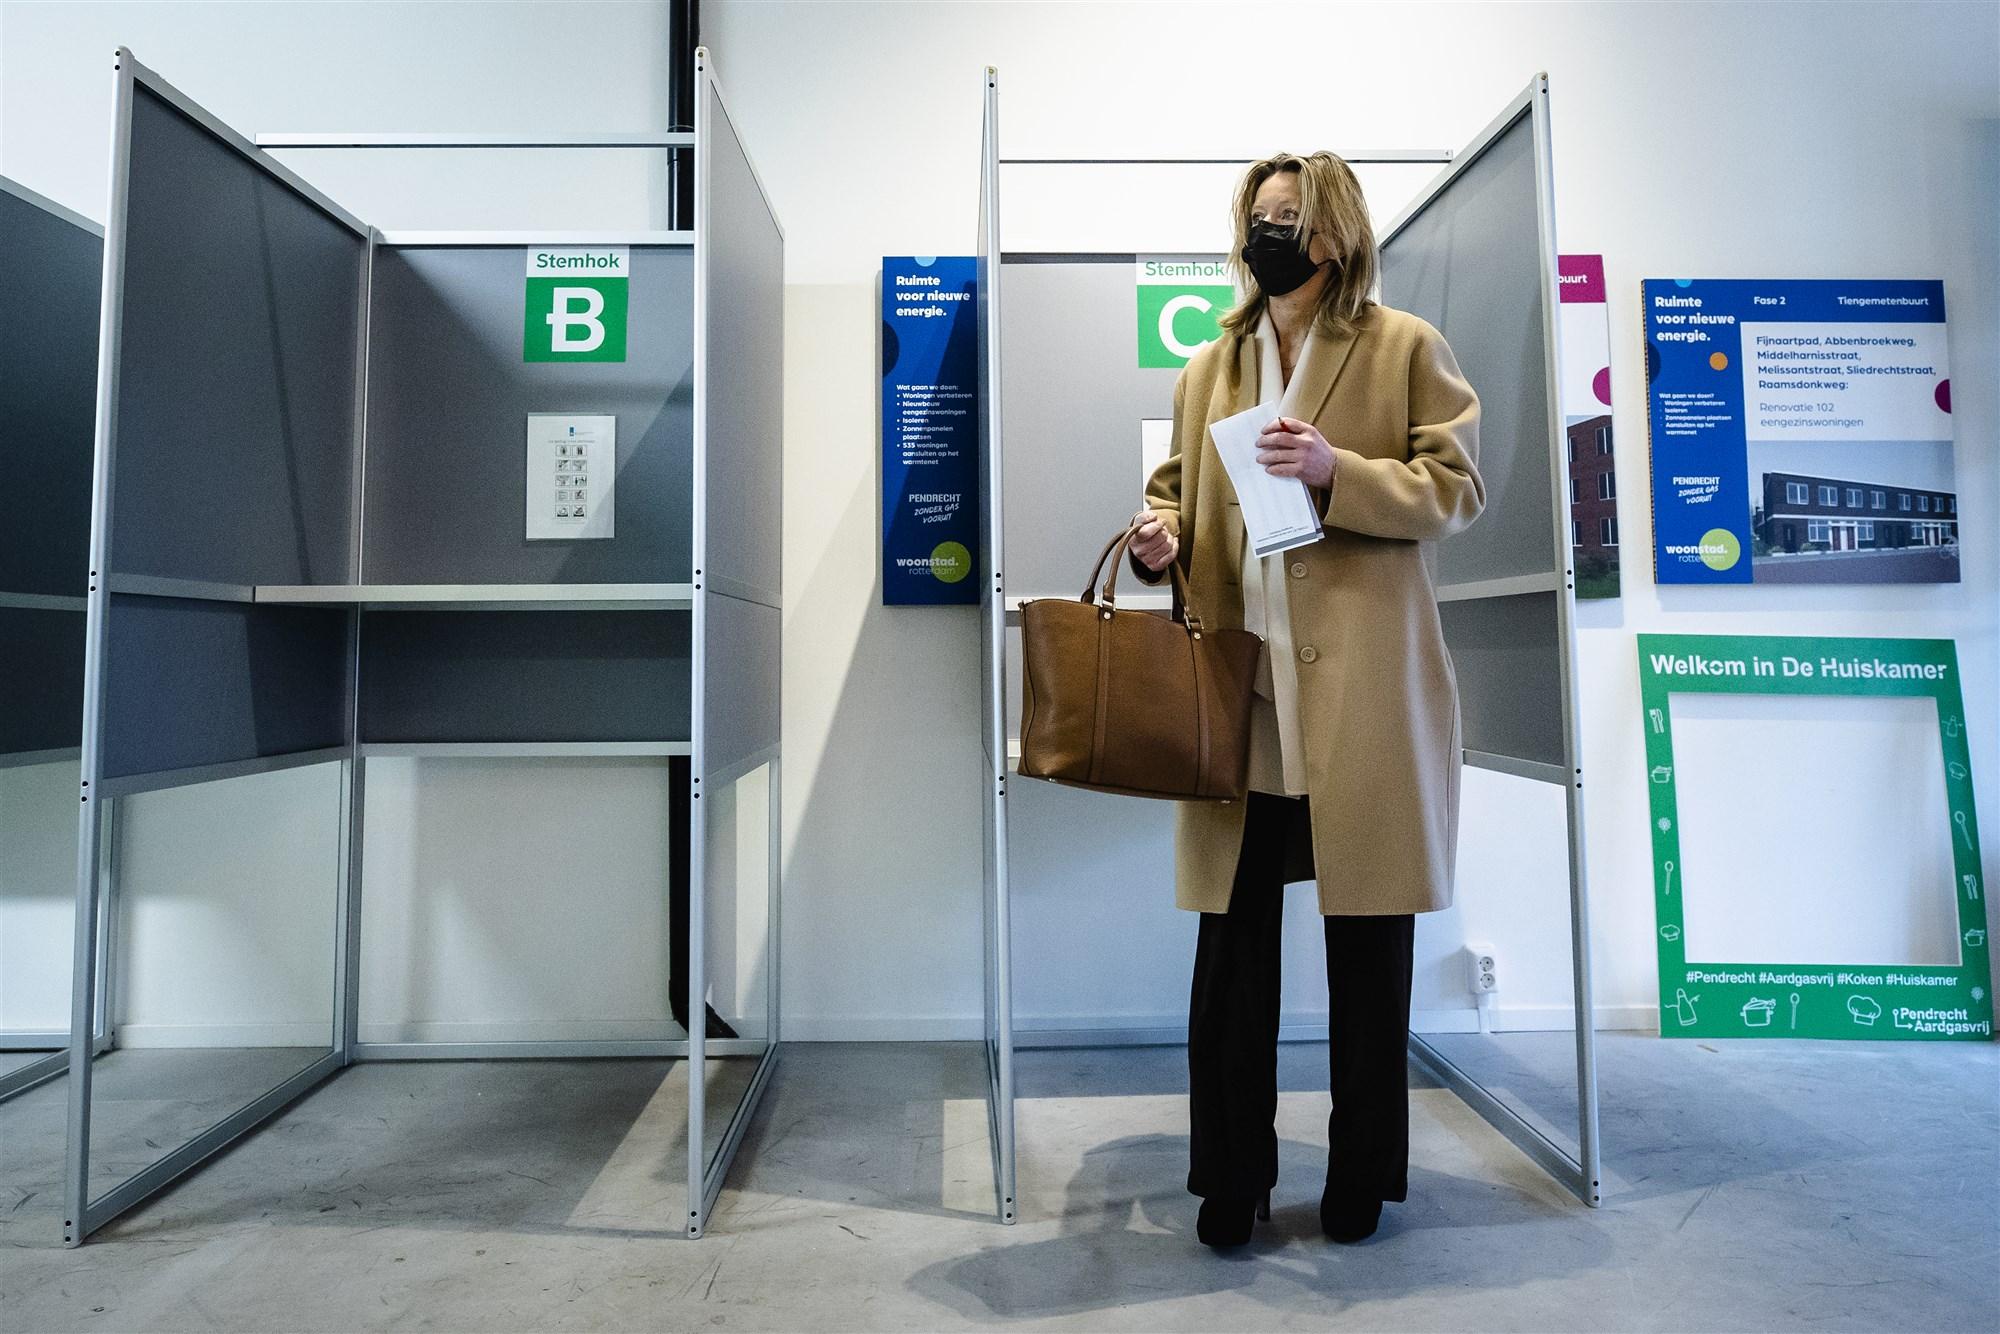 kieswijzer tweede kamerverkiezingen stemmen keuze maken